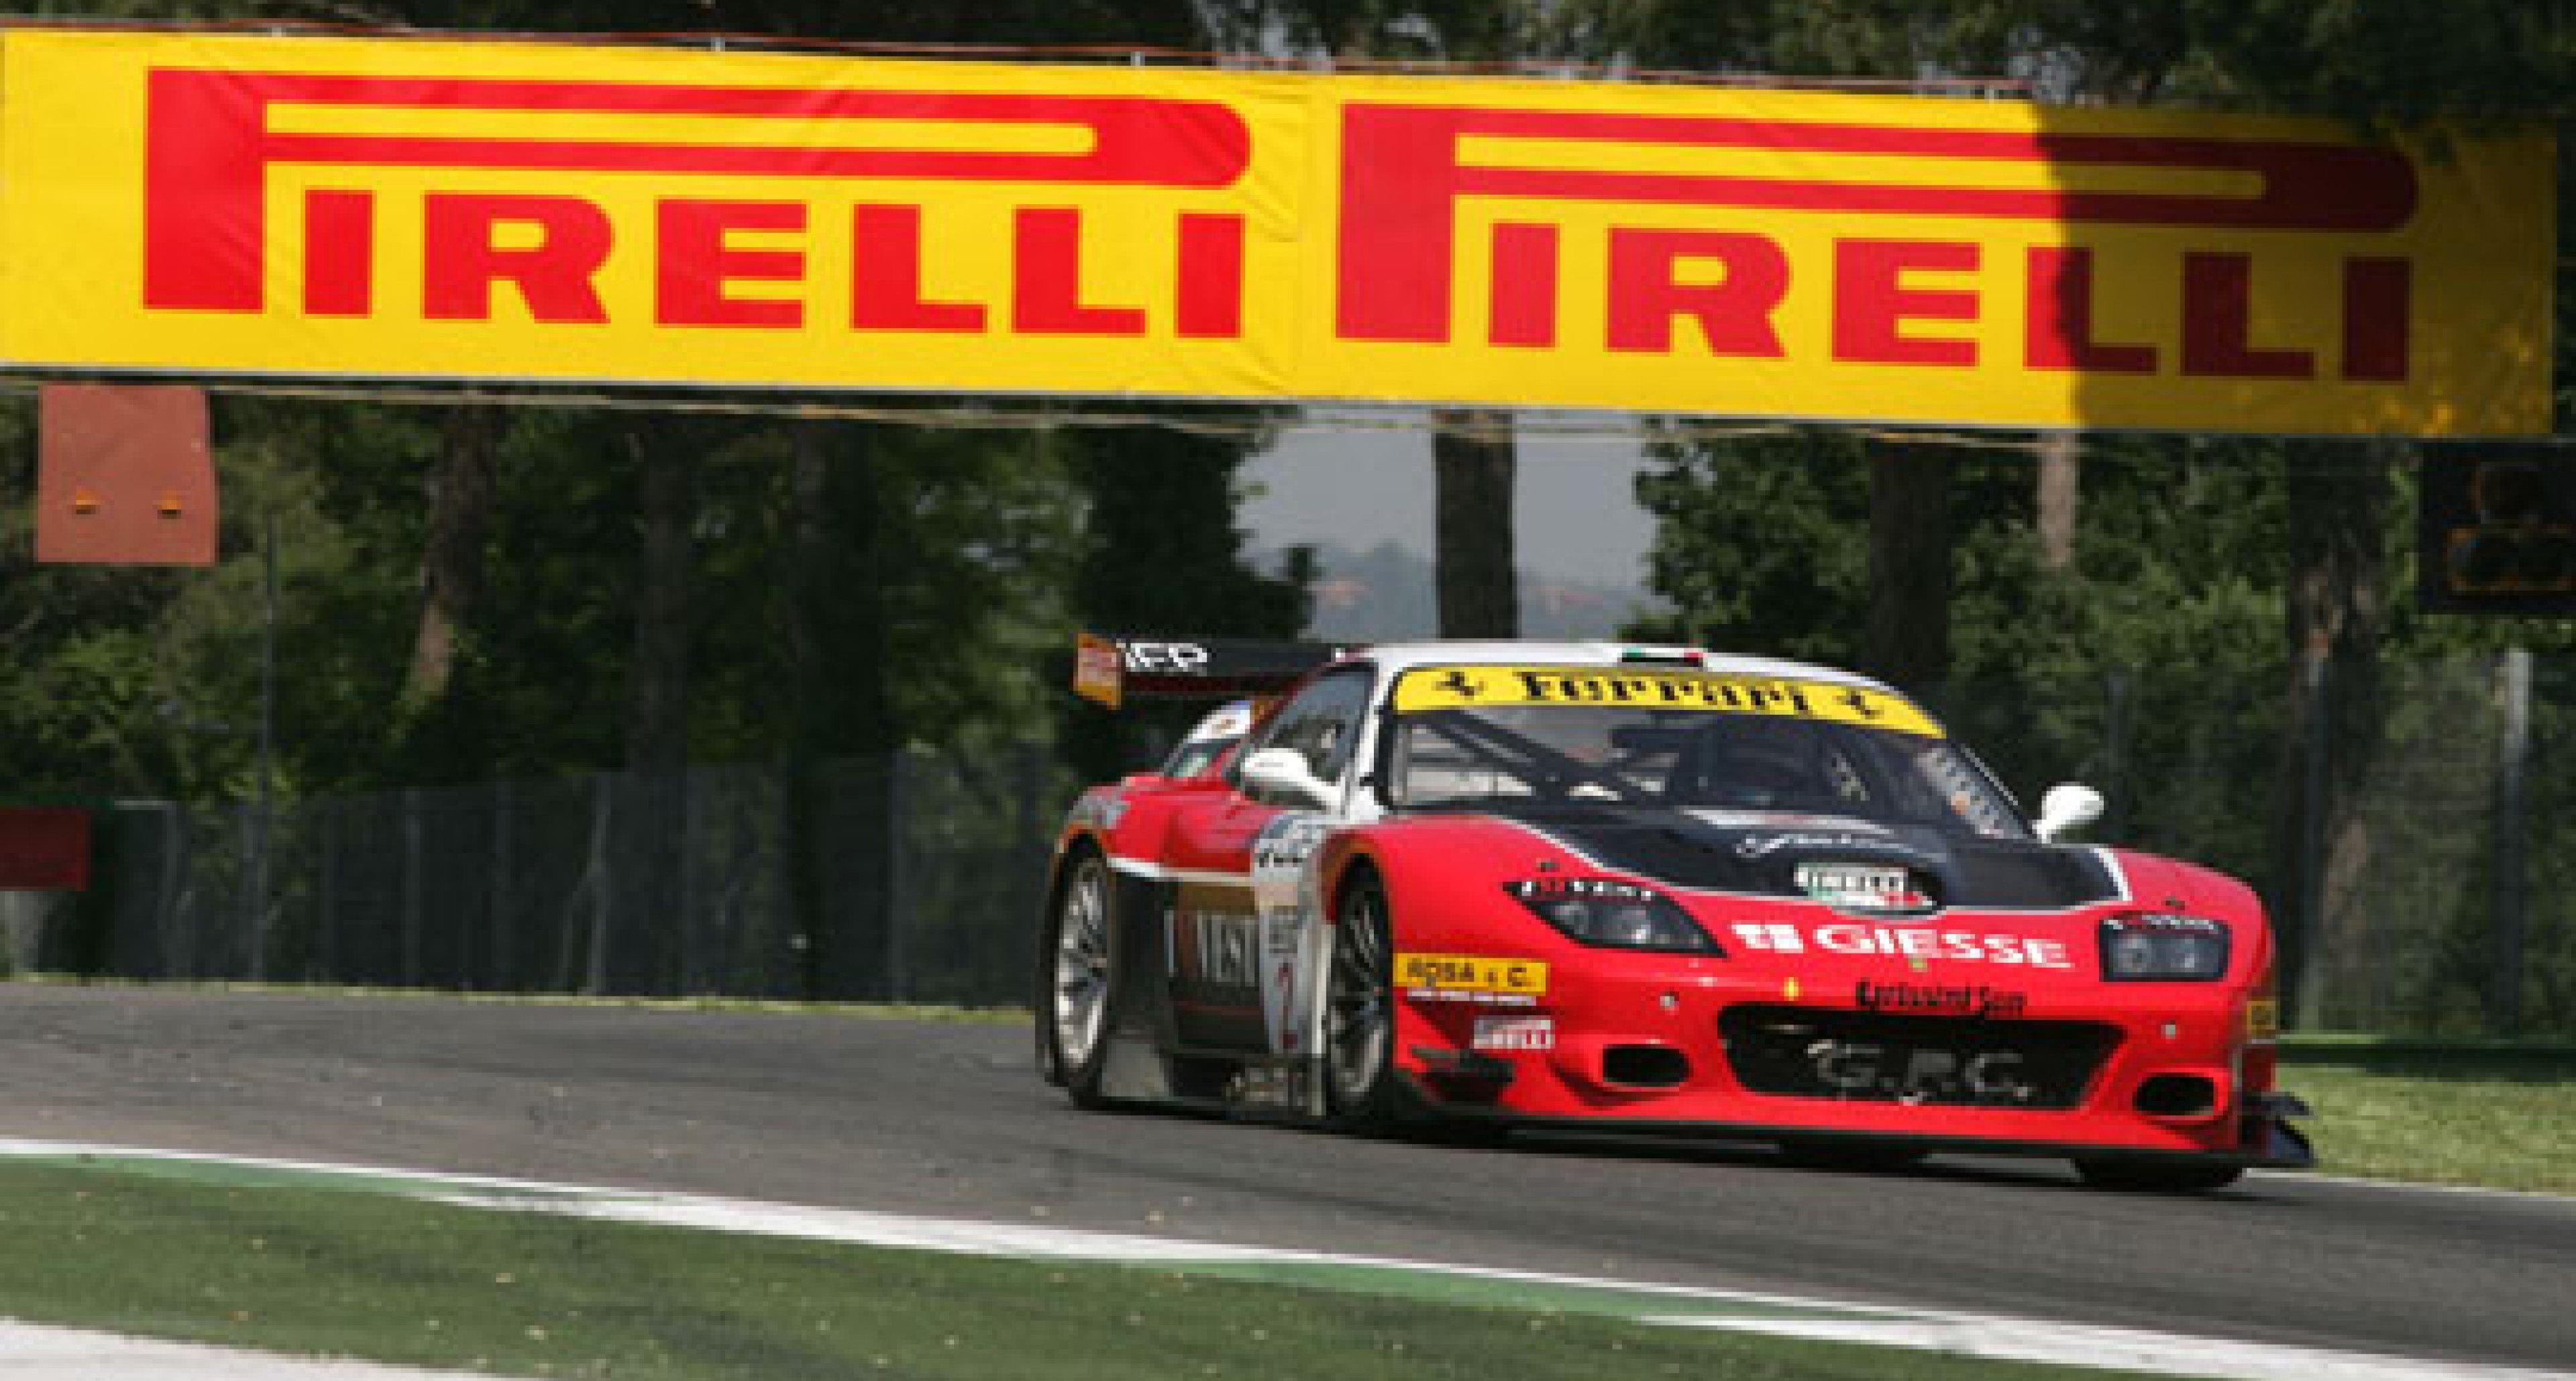 FIA GT at Imola